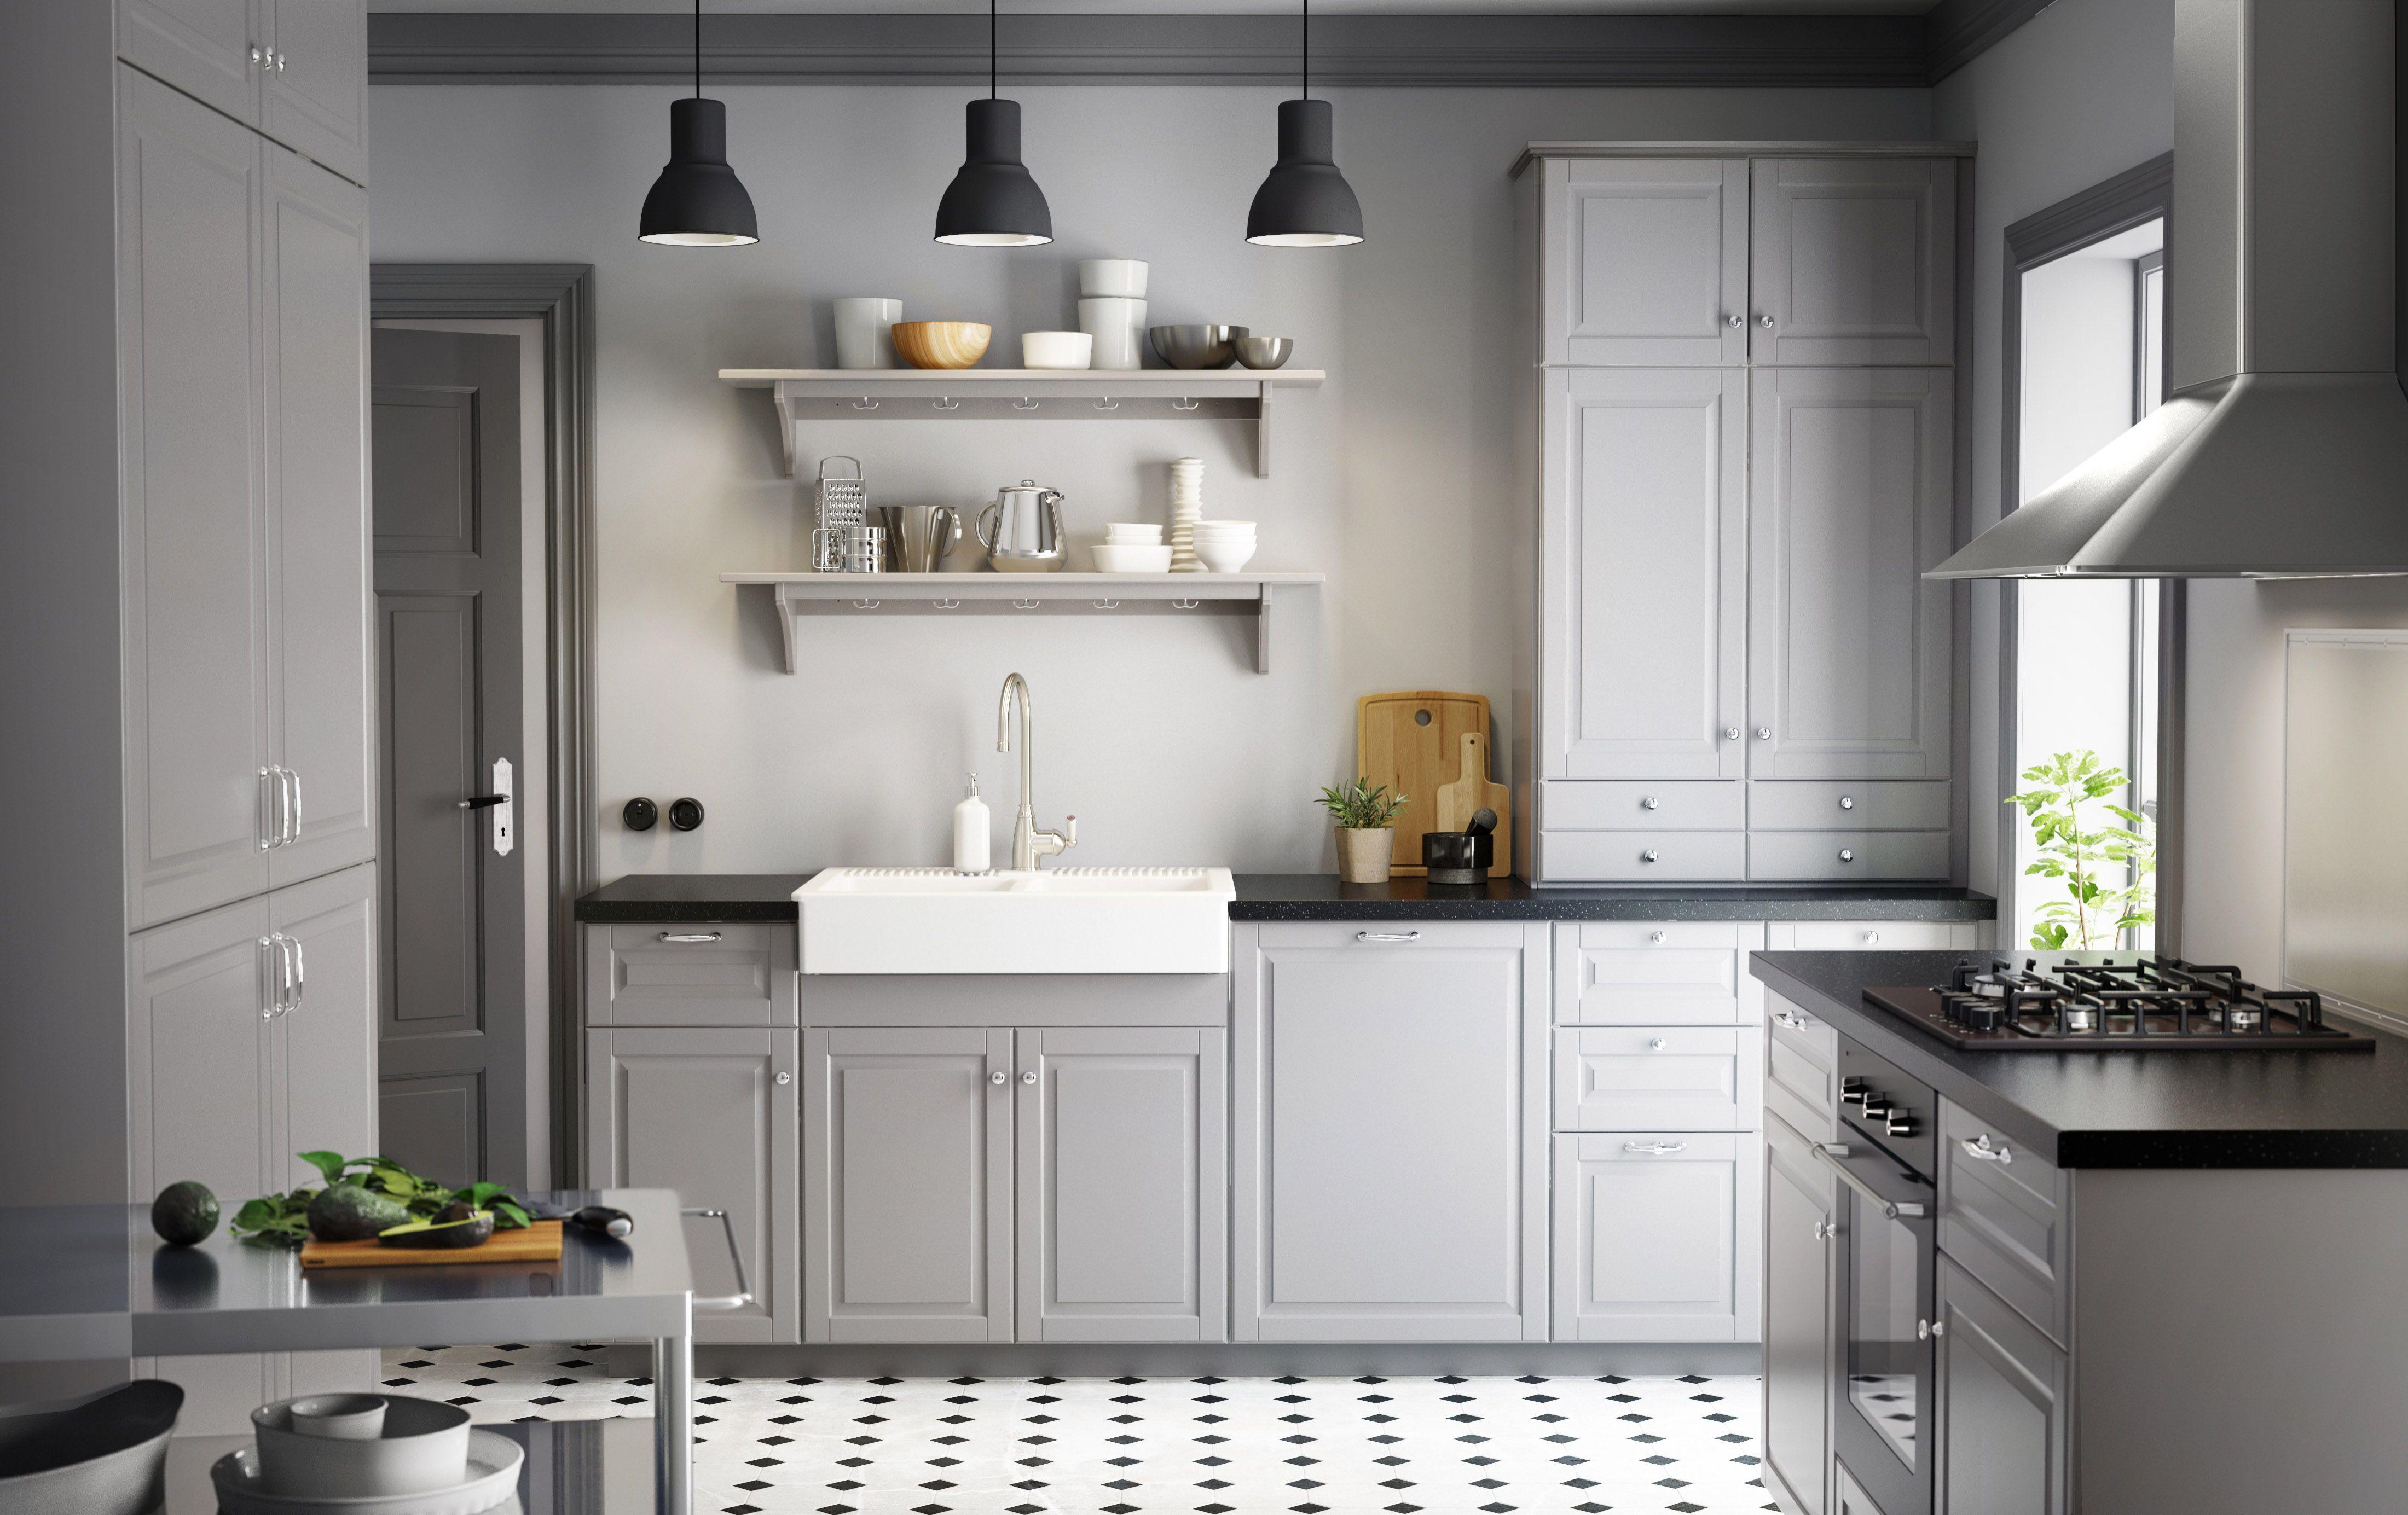 Metod Keuken Ikea : Metod keuken ikea ikeanl ikeanederland inspiratie wooninspiratie